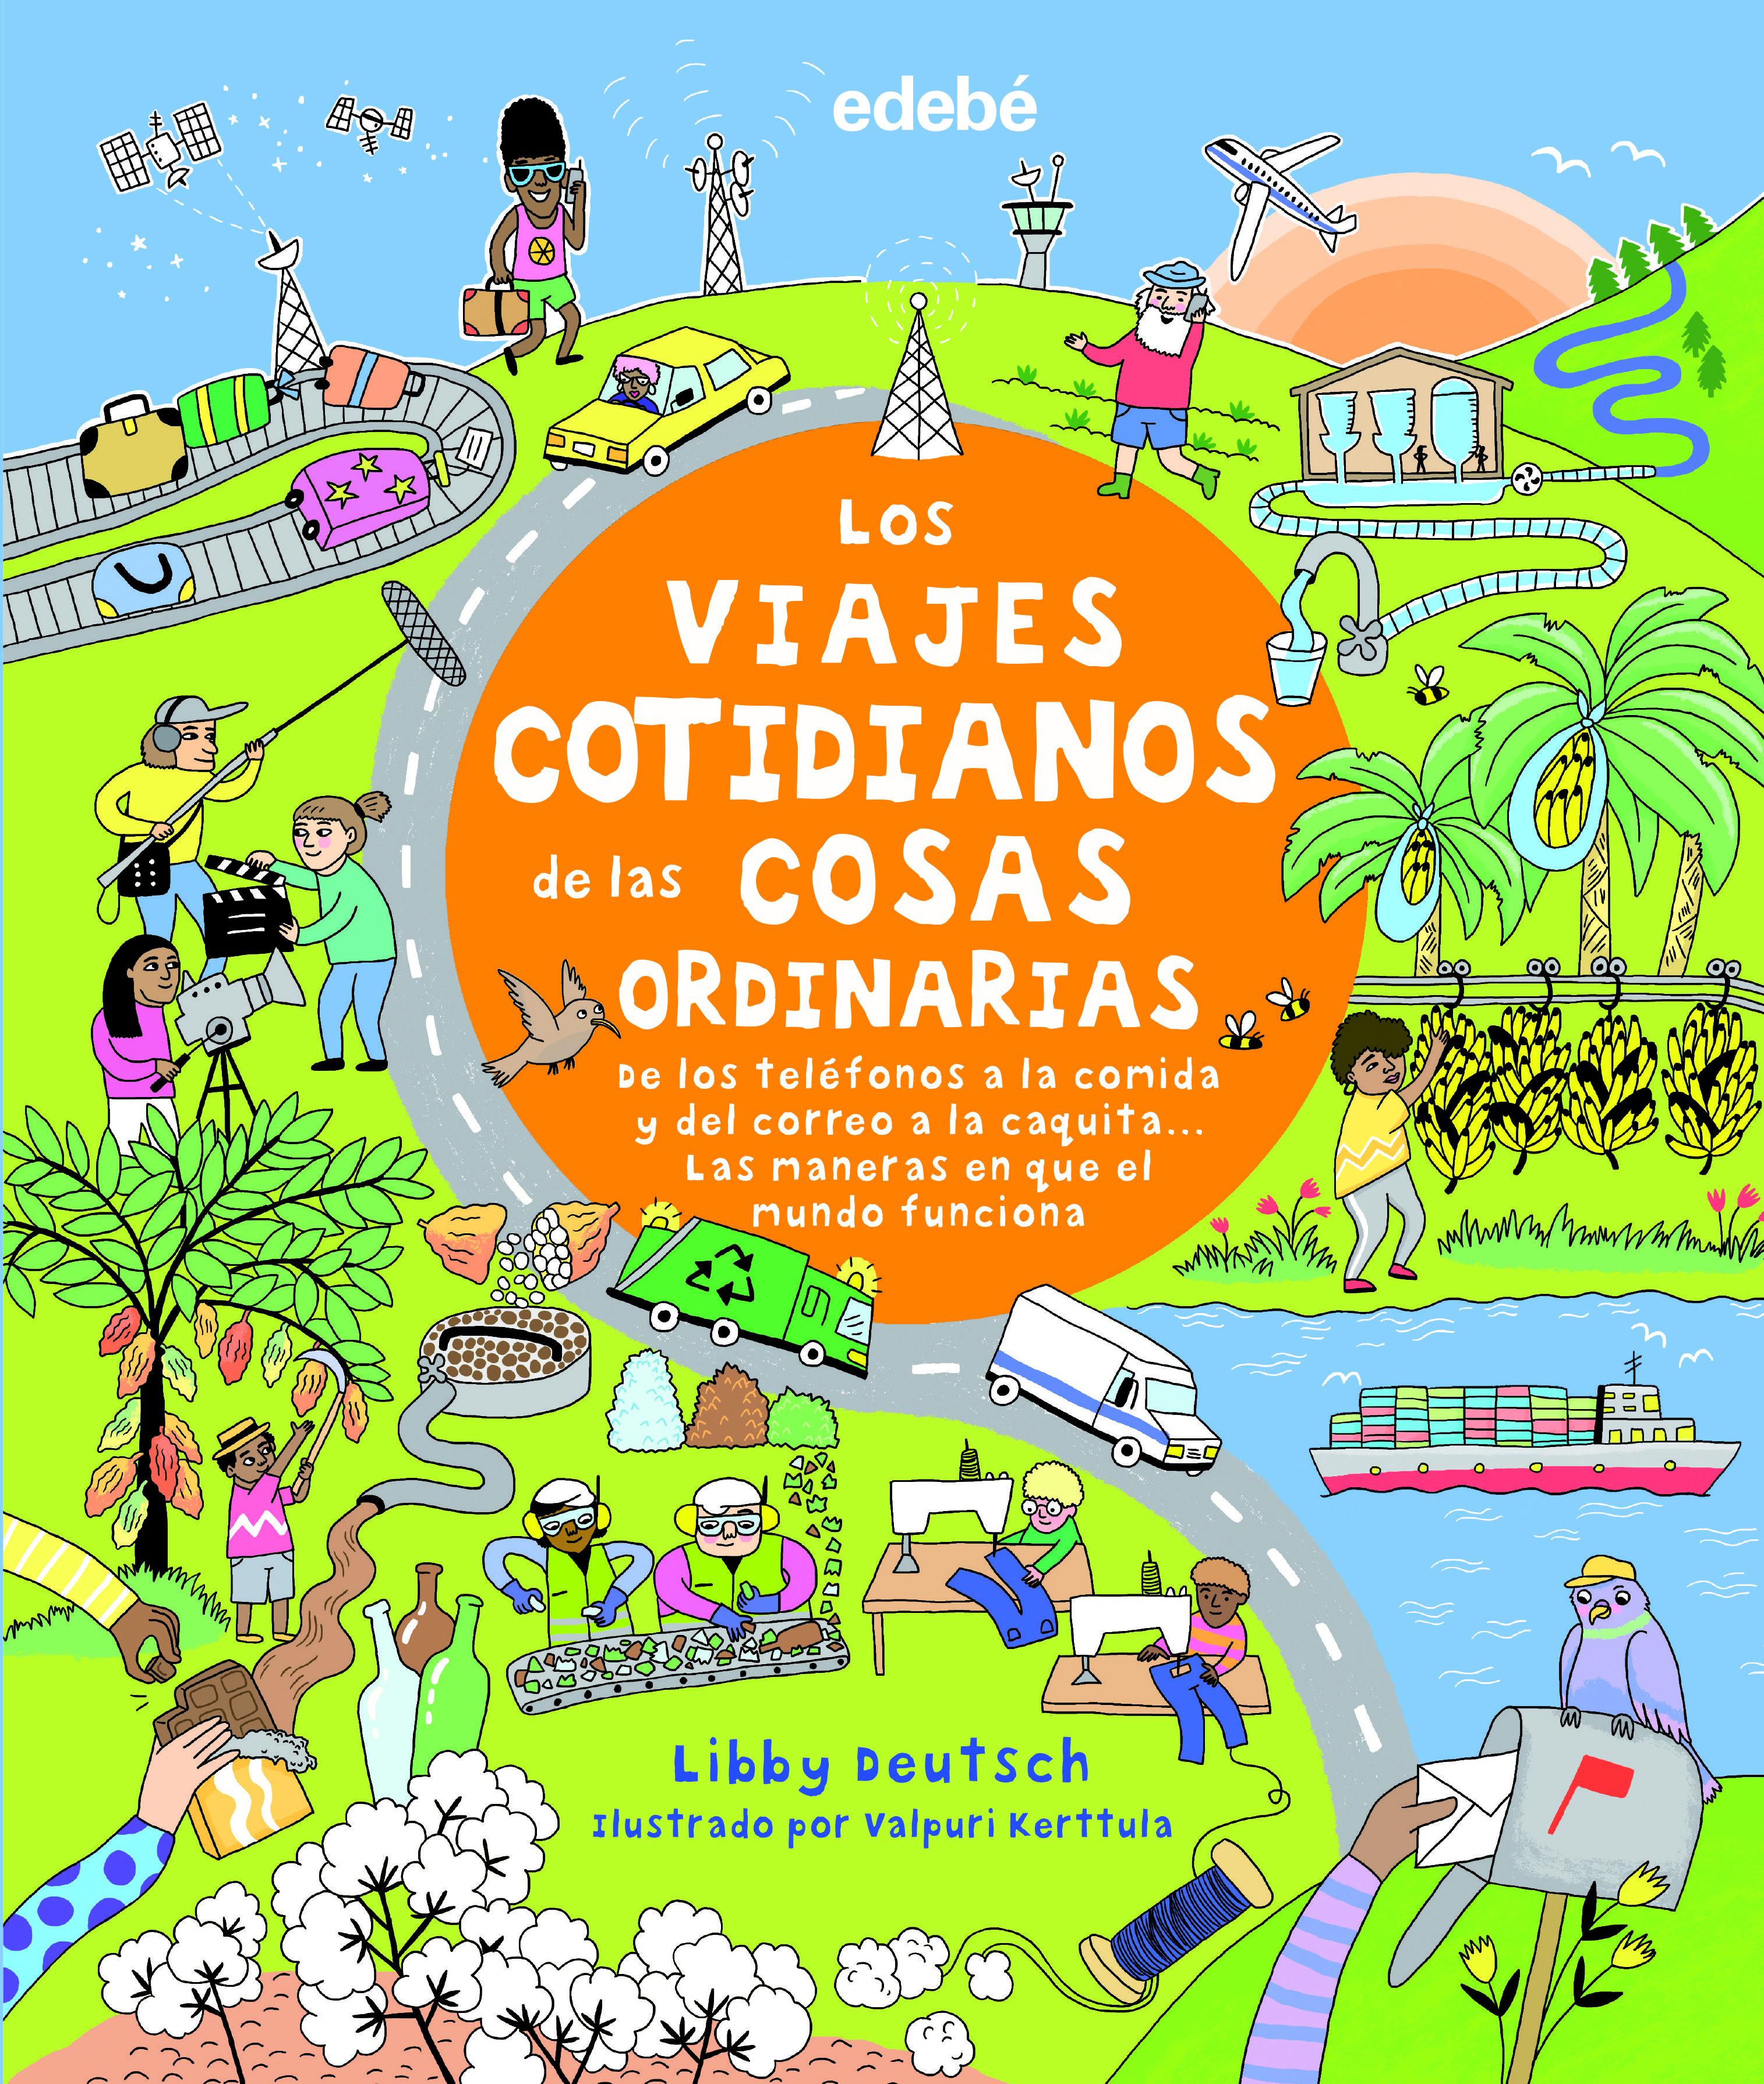 VIAJES COTIDIANOS DE LAS COSAS ORDINARIAS LOS